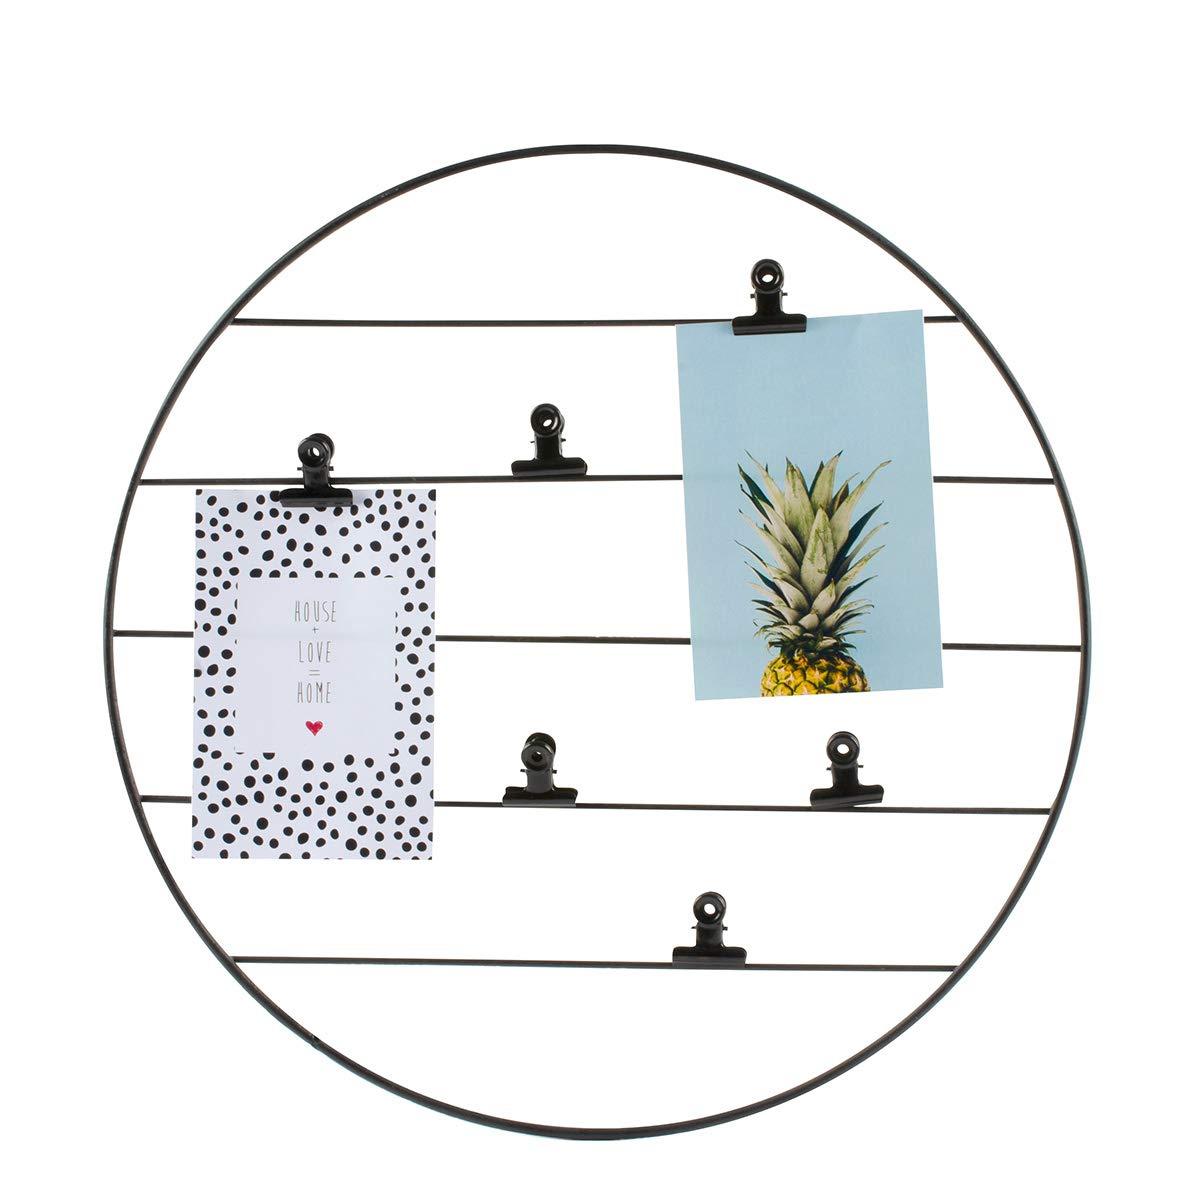 Diam/ètre 40/cm Agenda D/écoratif Mural Noir Mat M/étal Cadre Photos Suspendu 2 Cartes Tendance et 6 Pinces Incluses Dresz 5024001001 Grille Fil de Fer Panneau Grillag/é